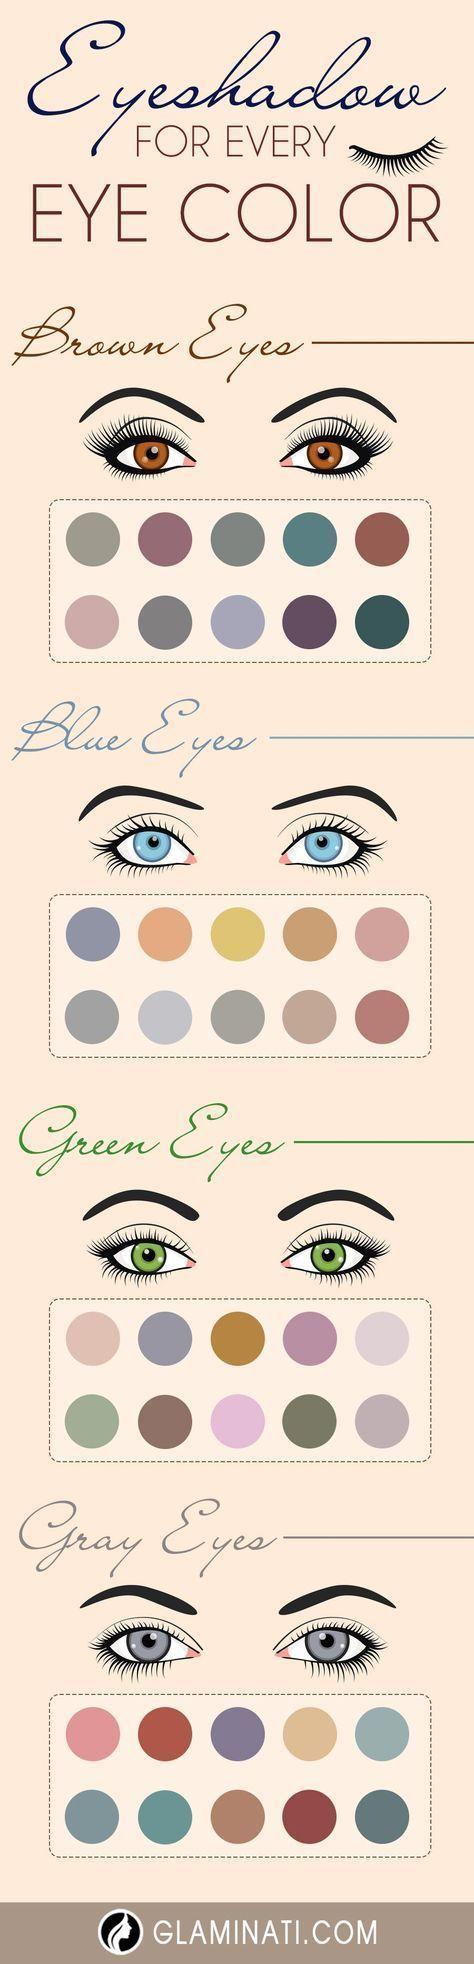 66 Möglichkeiten zum Auftragen von Lidschatten für braune Augen #makeupeyeshadow